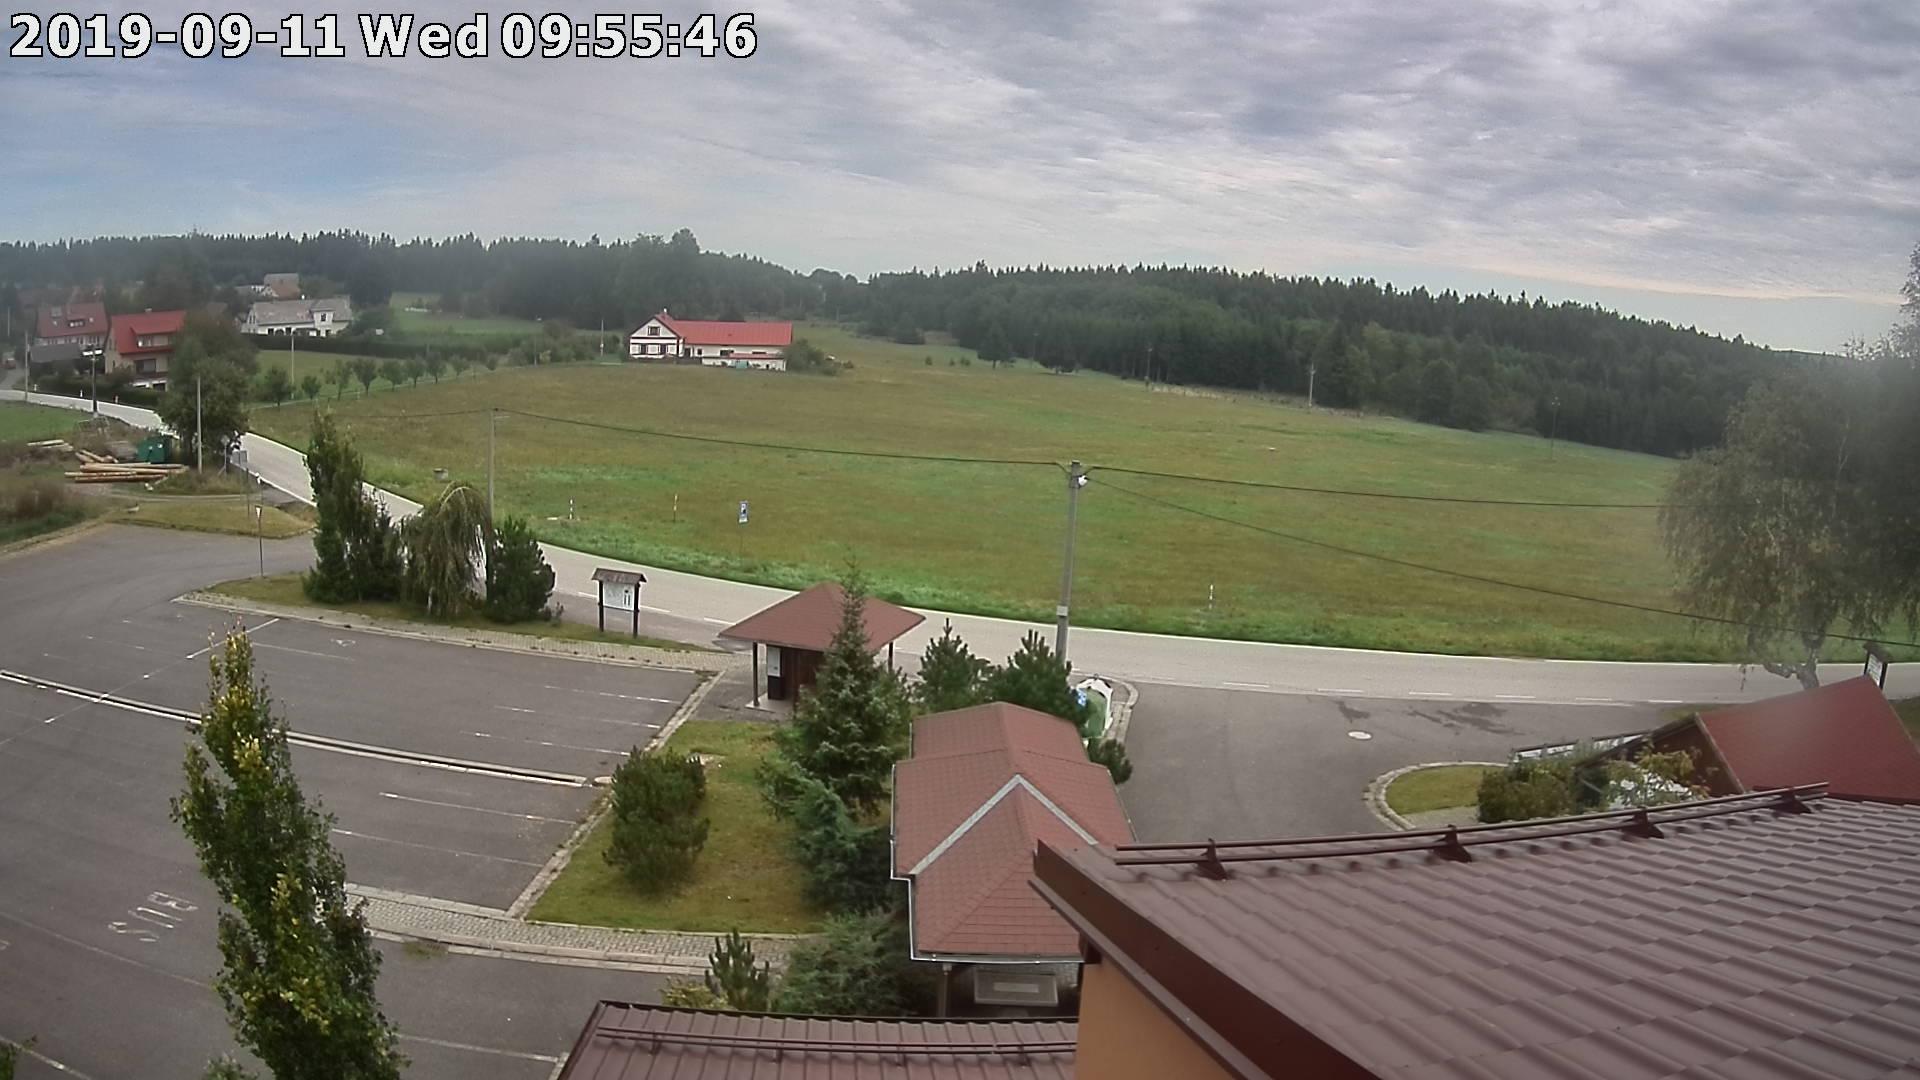 Webkamera ze dne 2019-09-11